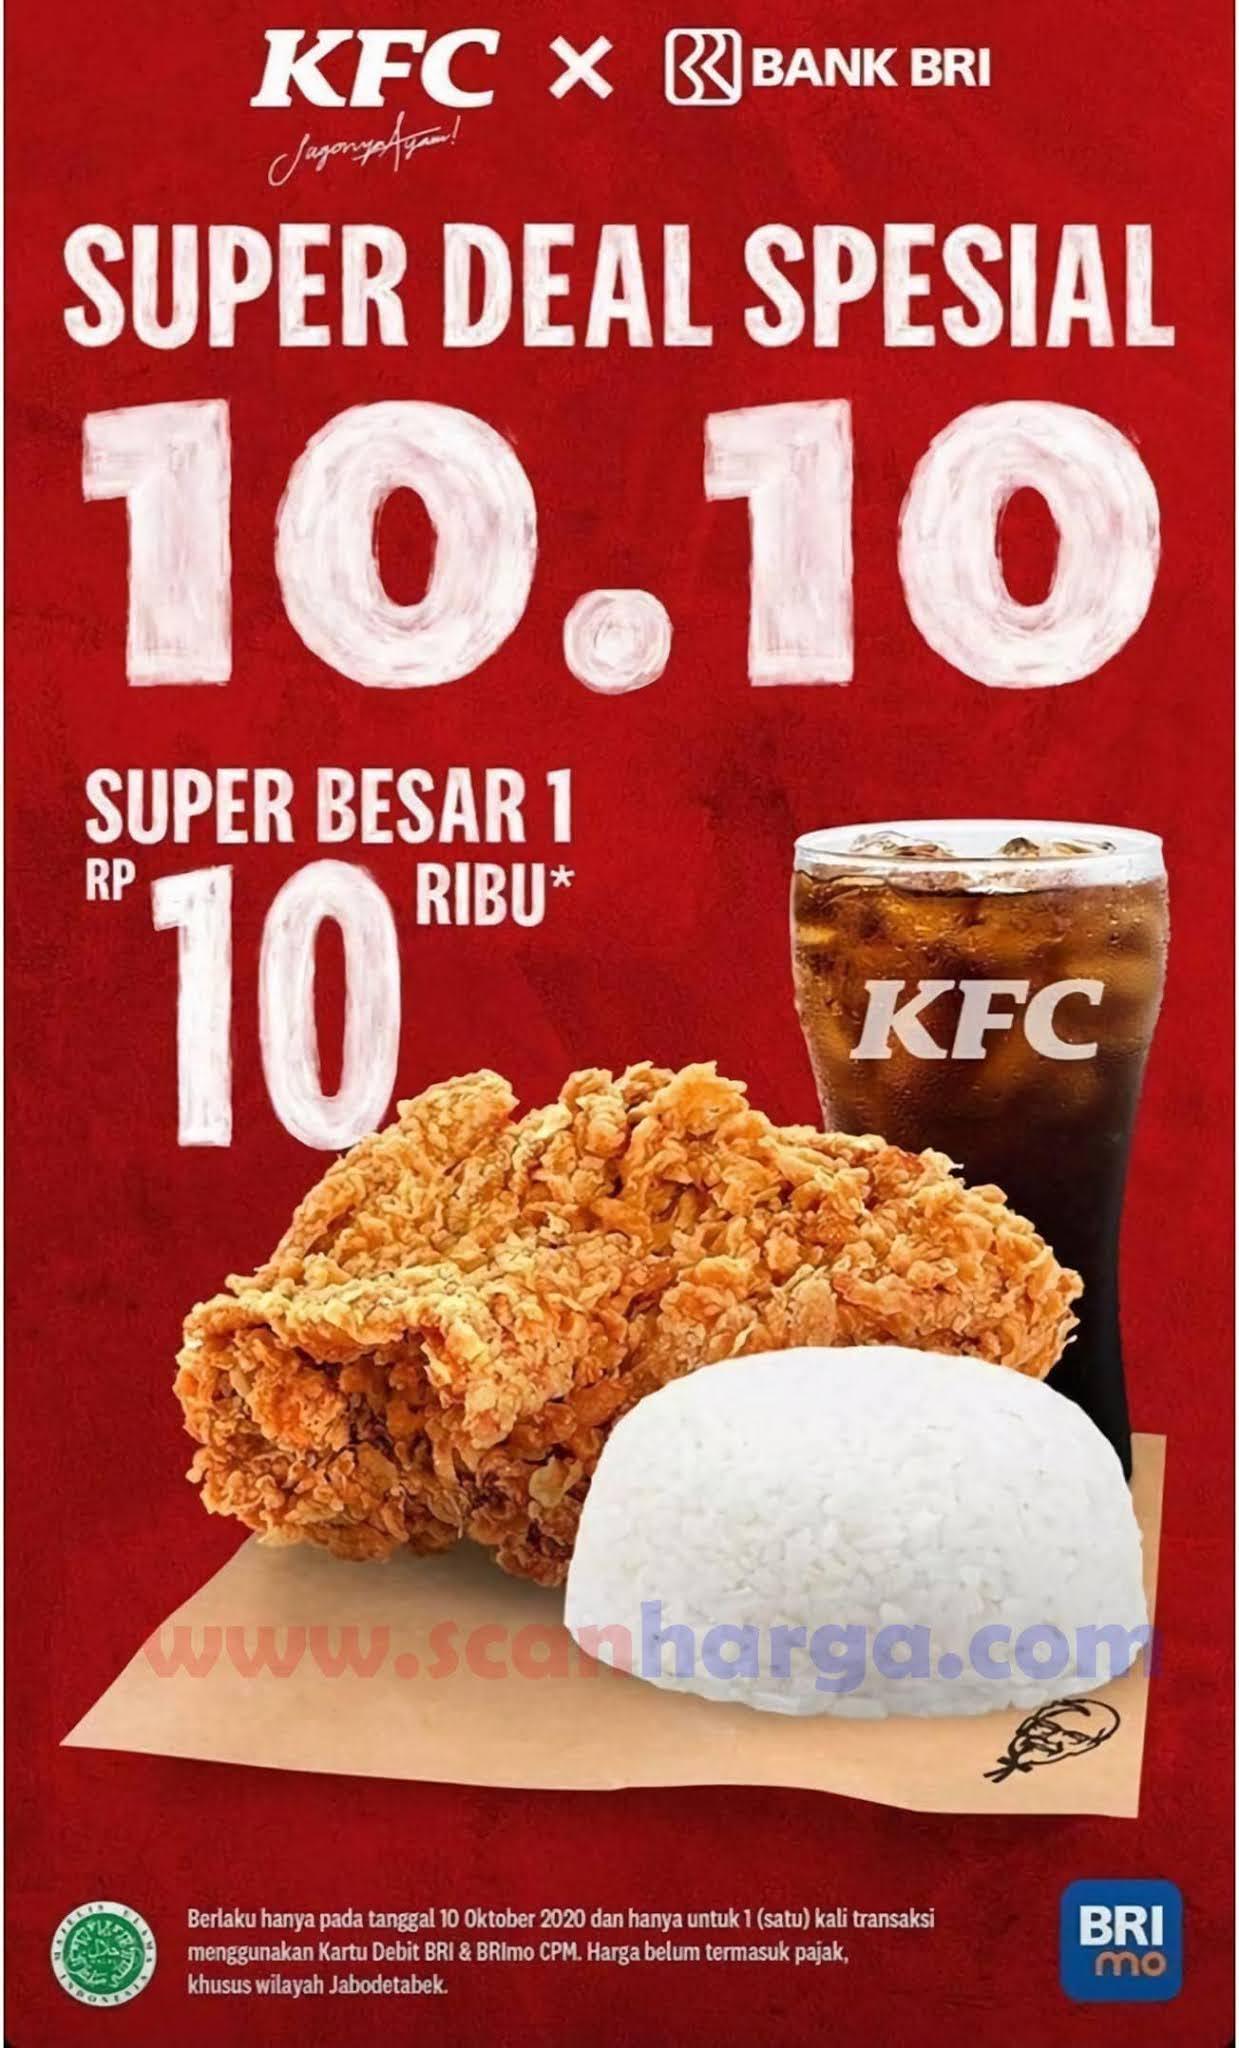 Promo KFC X Bank BRI 10.10 Paket Super Besar 1 Hanya Rp 10.000*